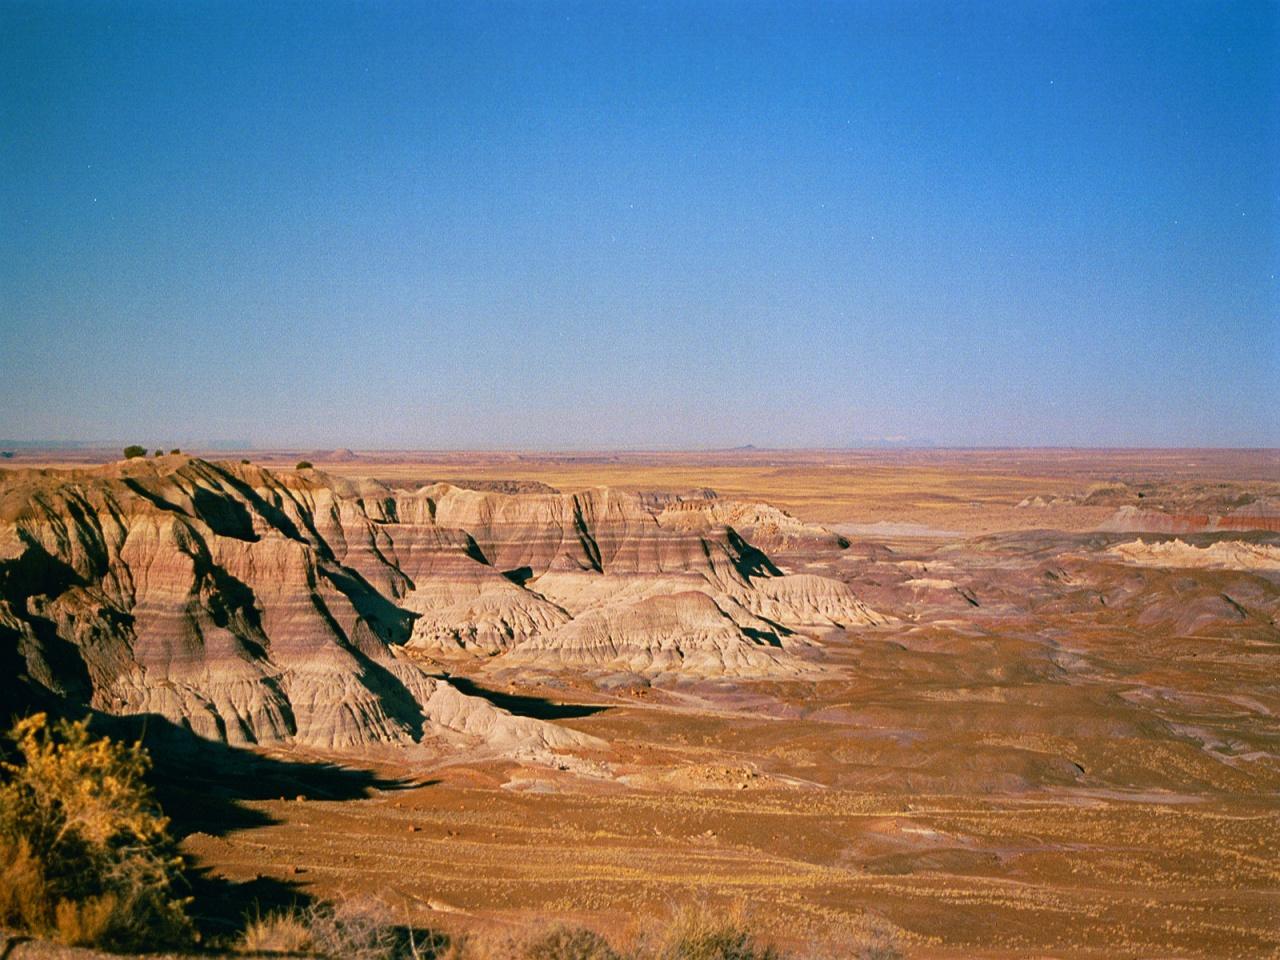 desert landscape wallpaper - photo #26